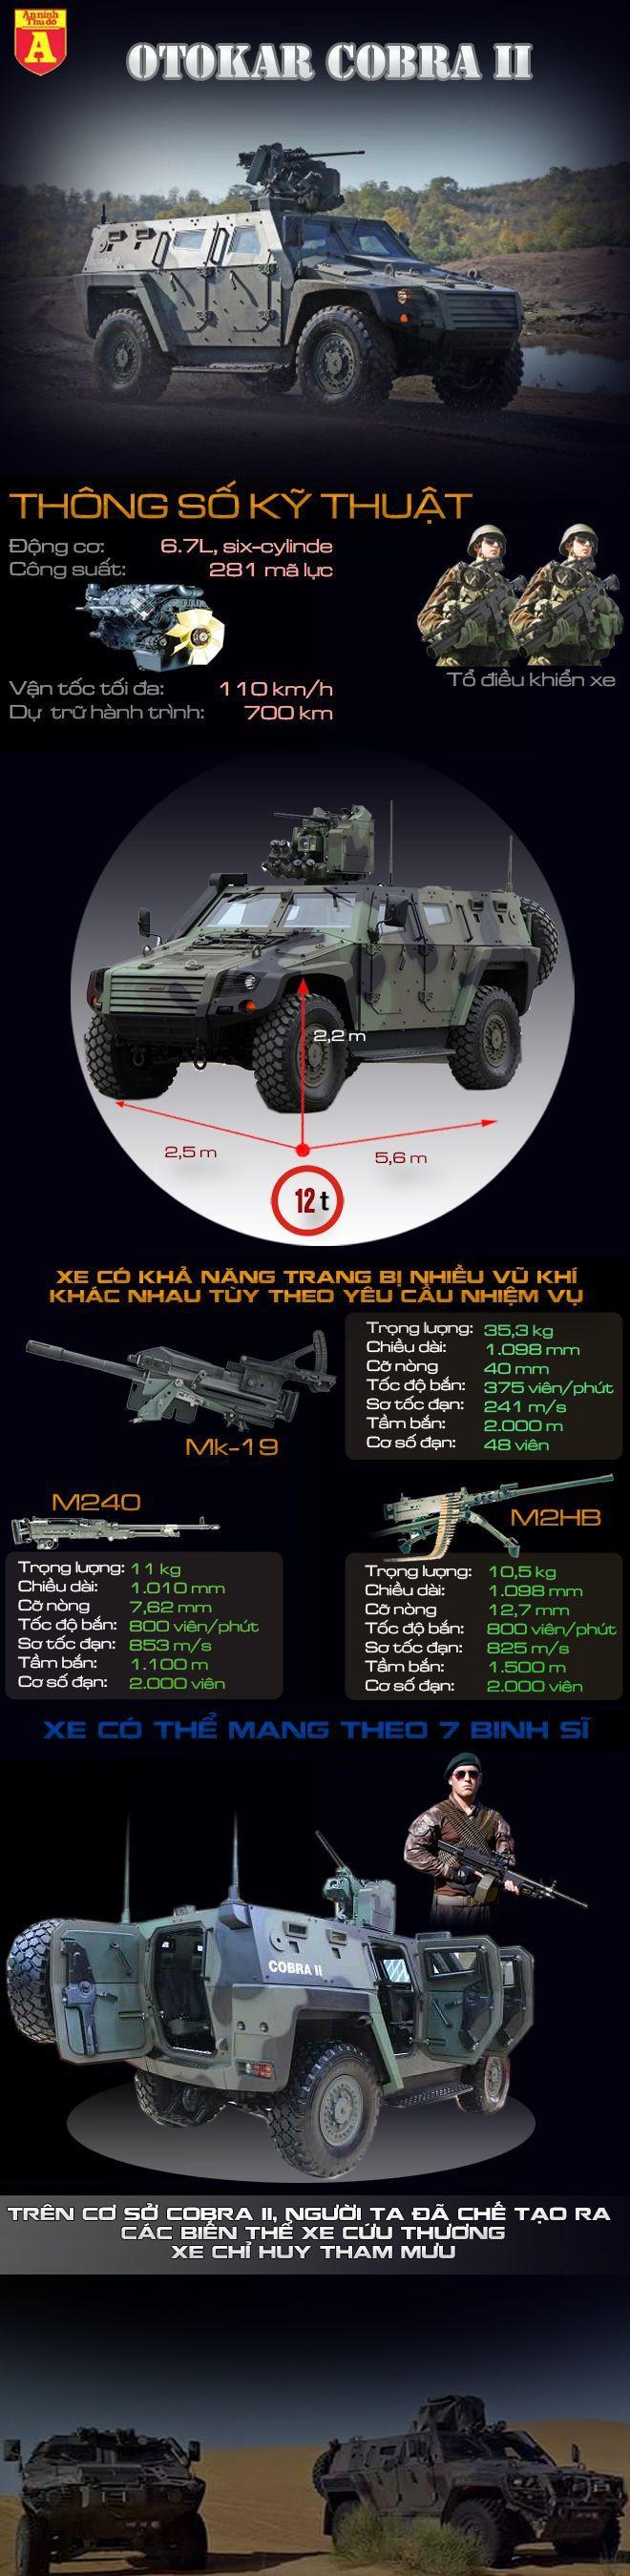 """[Infographic] Sức mạnh siêu xe bọc thép mang tên """"Hổ mang bành"""""""